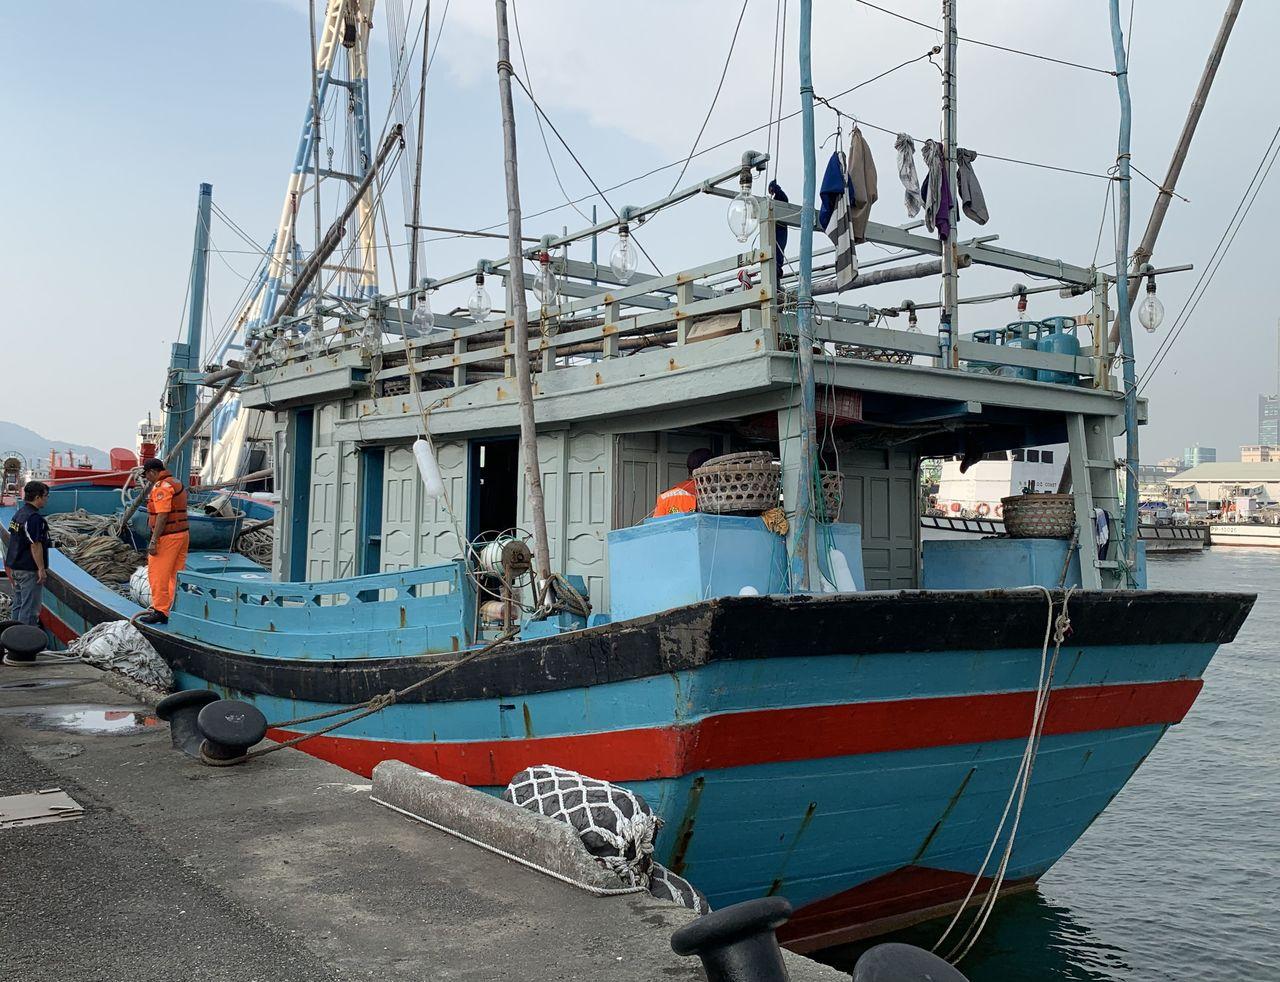 越南籍漁船「BD.97277.TS」漁船侵入我國經濟海域作業,昨天繳款離開高雄港...